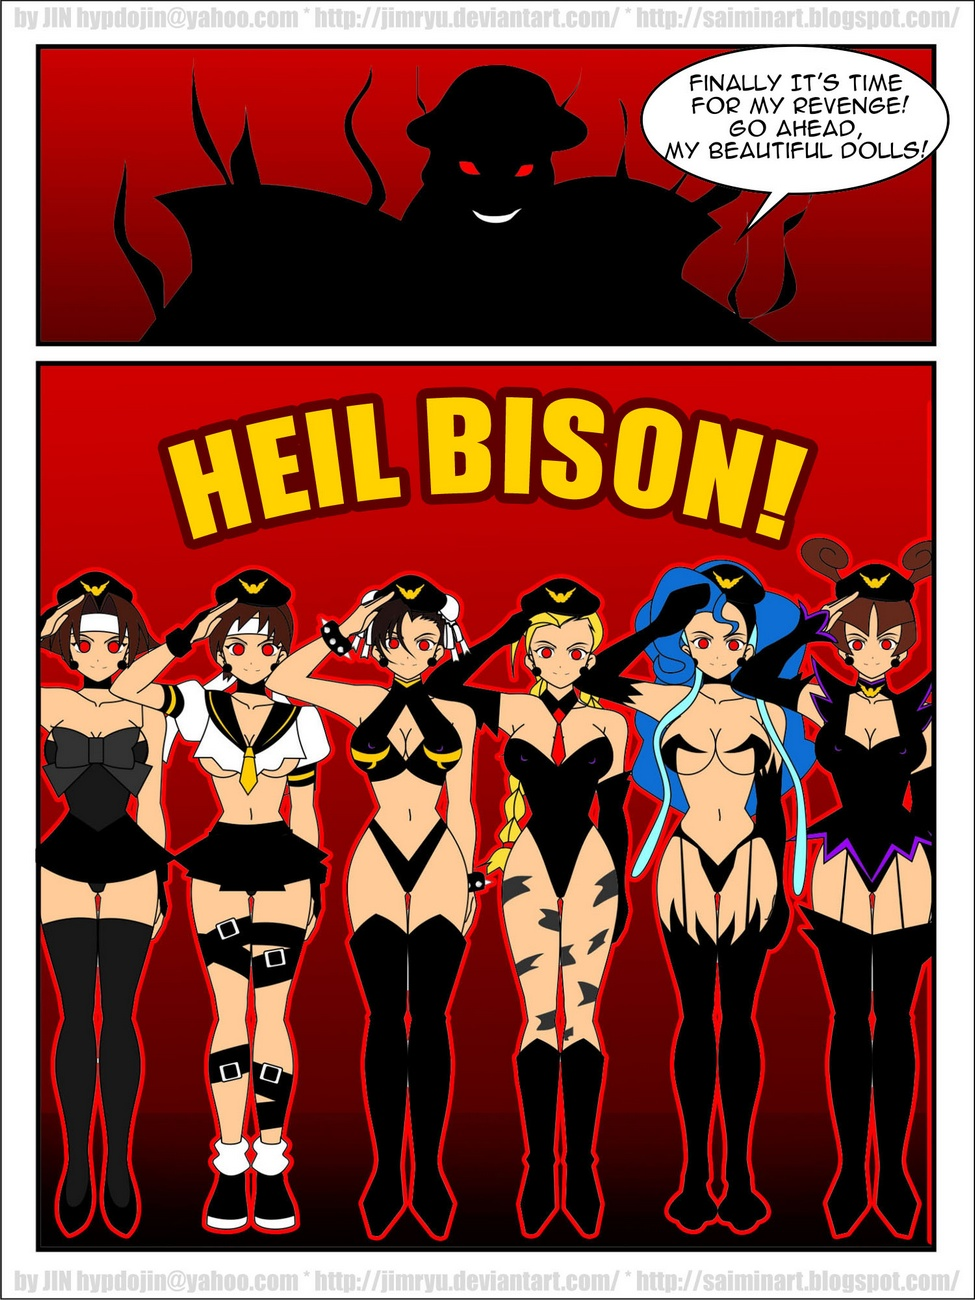 Bison Revival